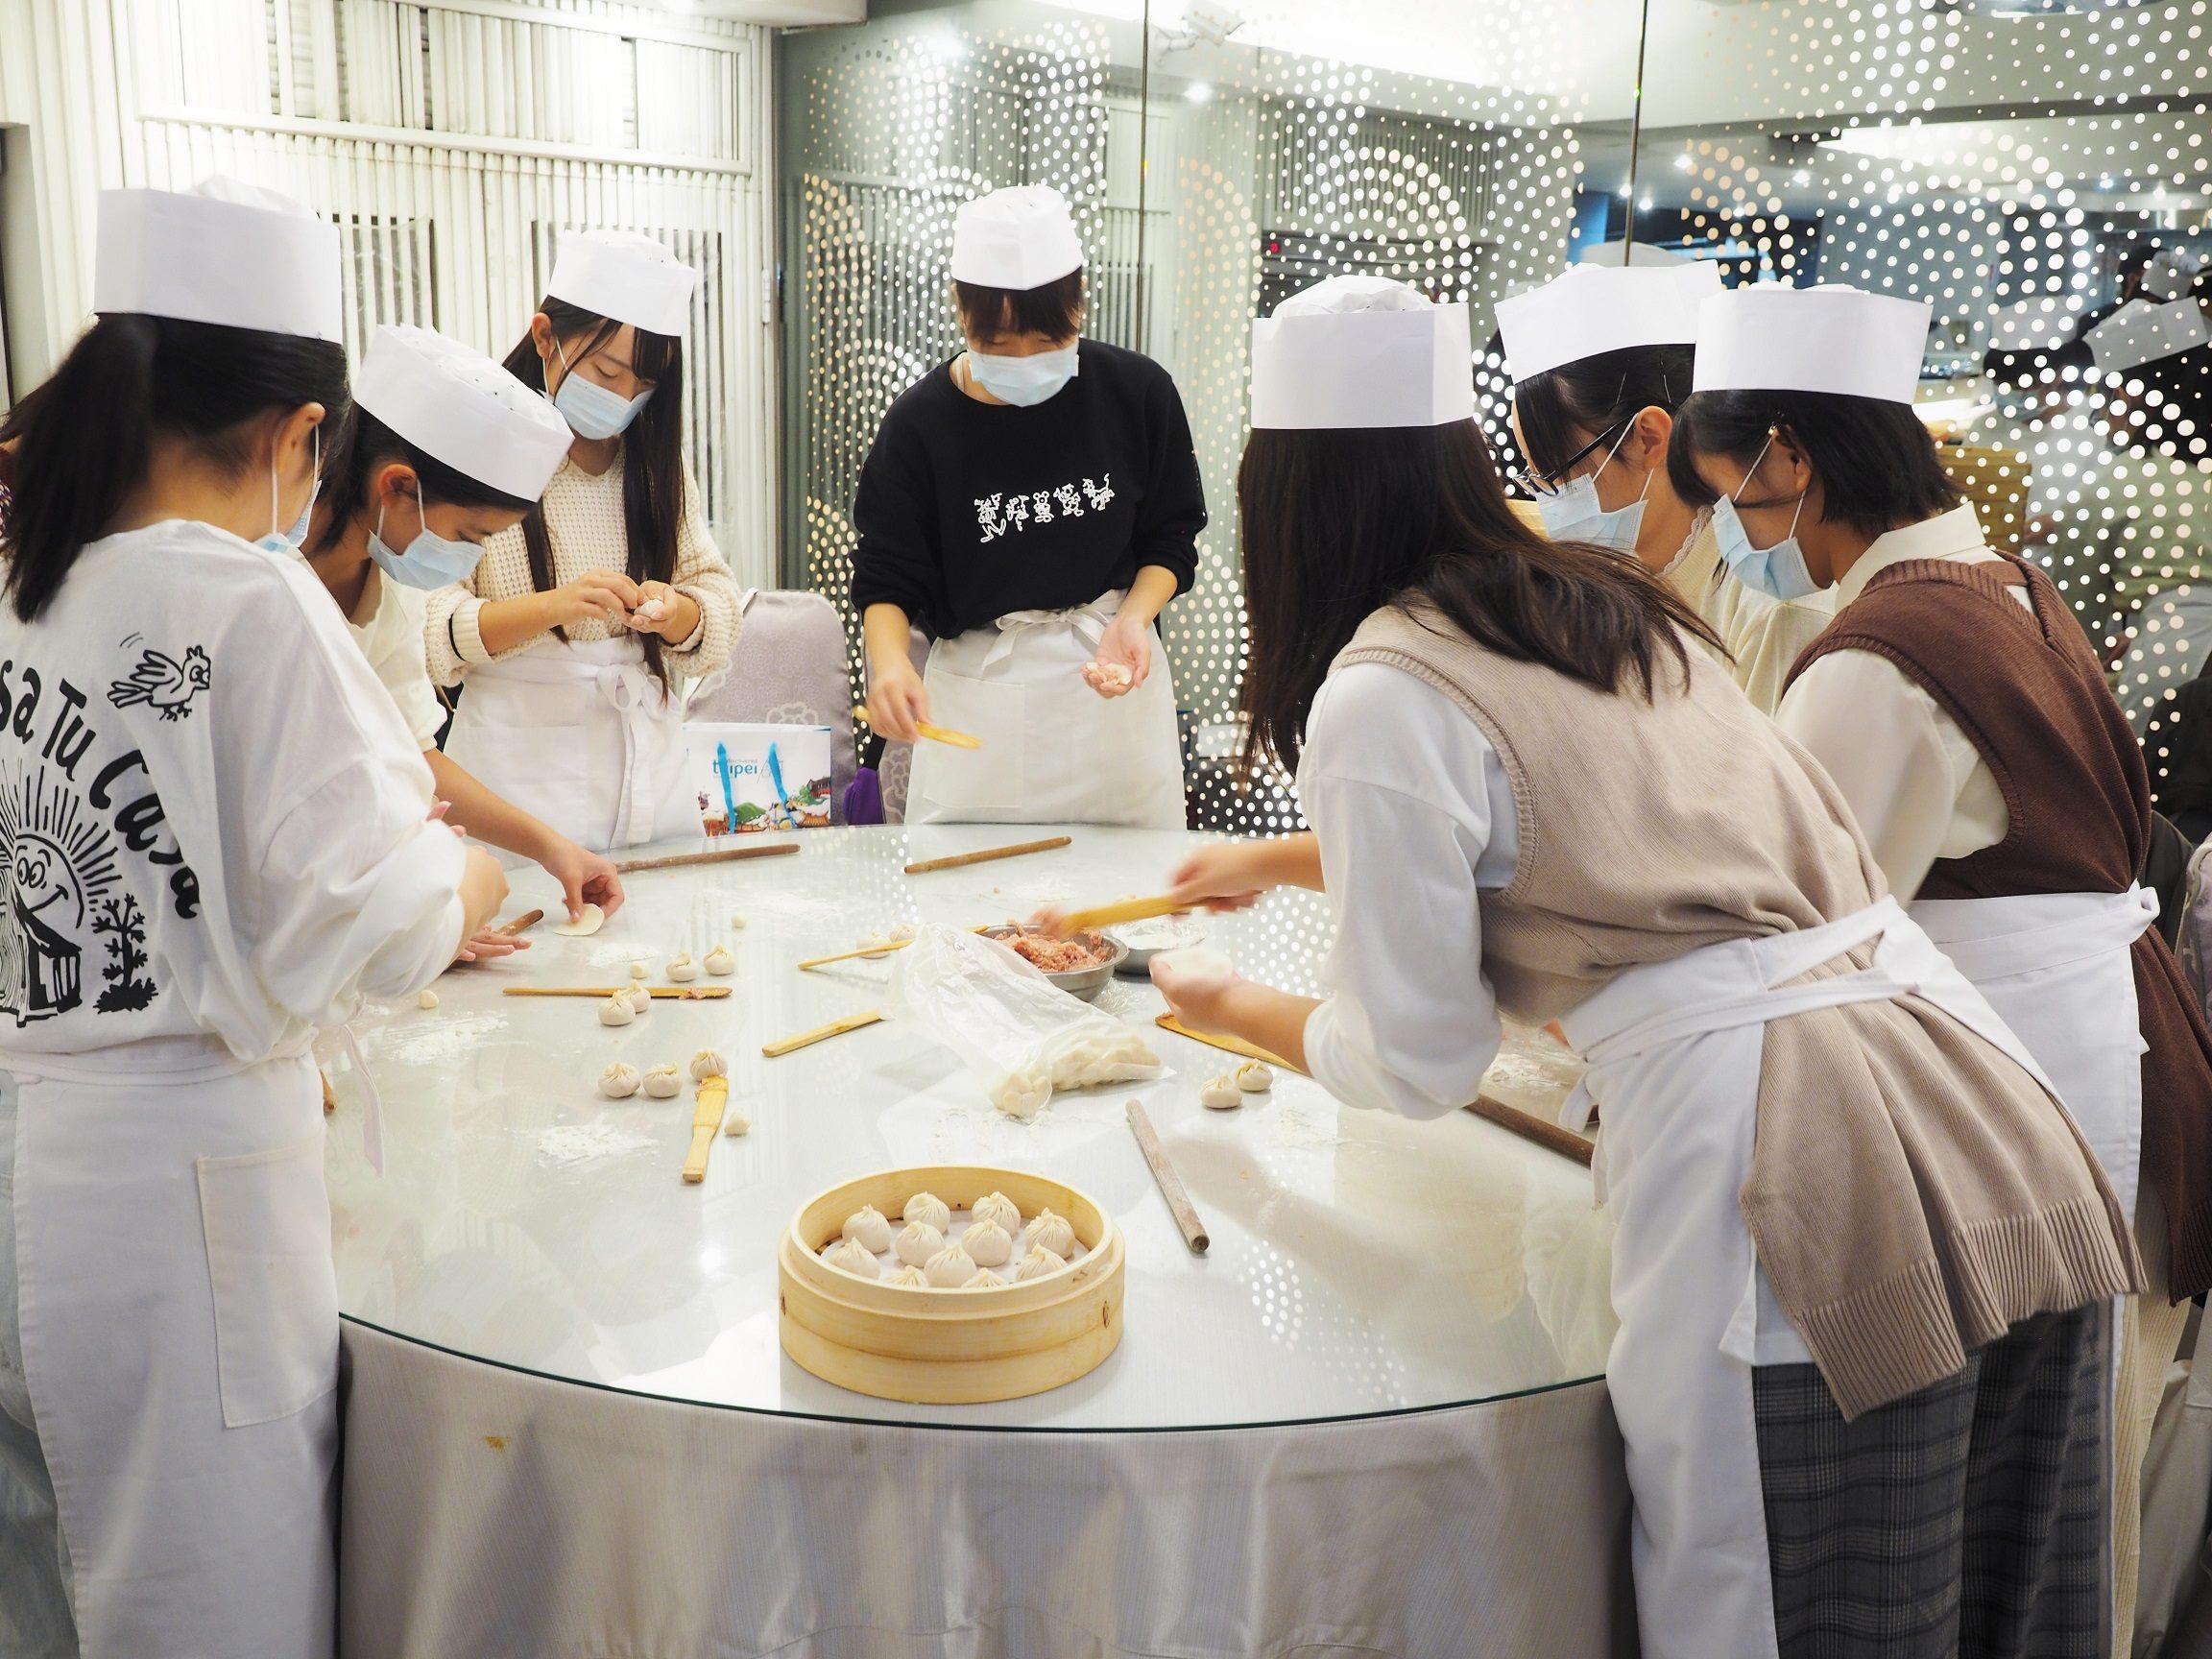 日本濱松市立高等學校修學旅行的師生至臺北體驗小籠包製作